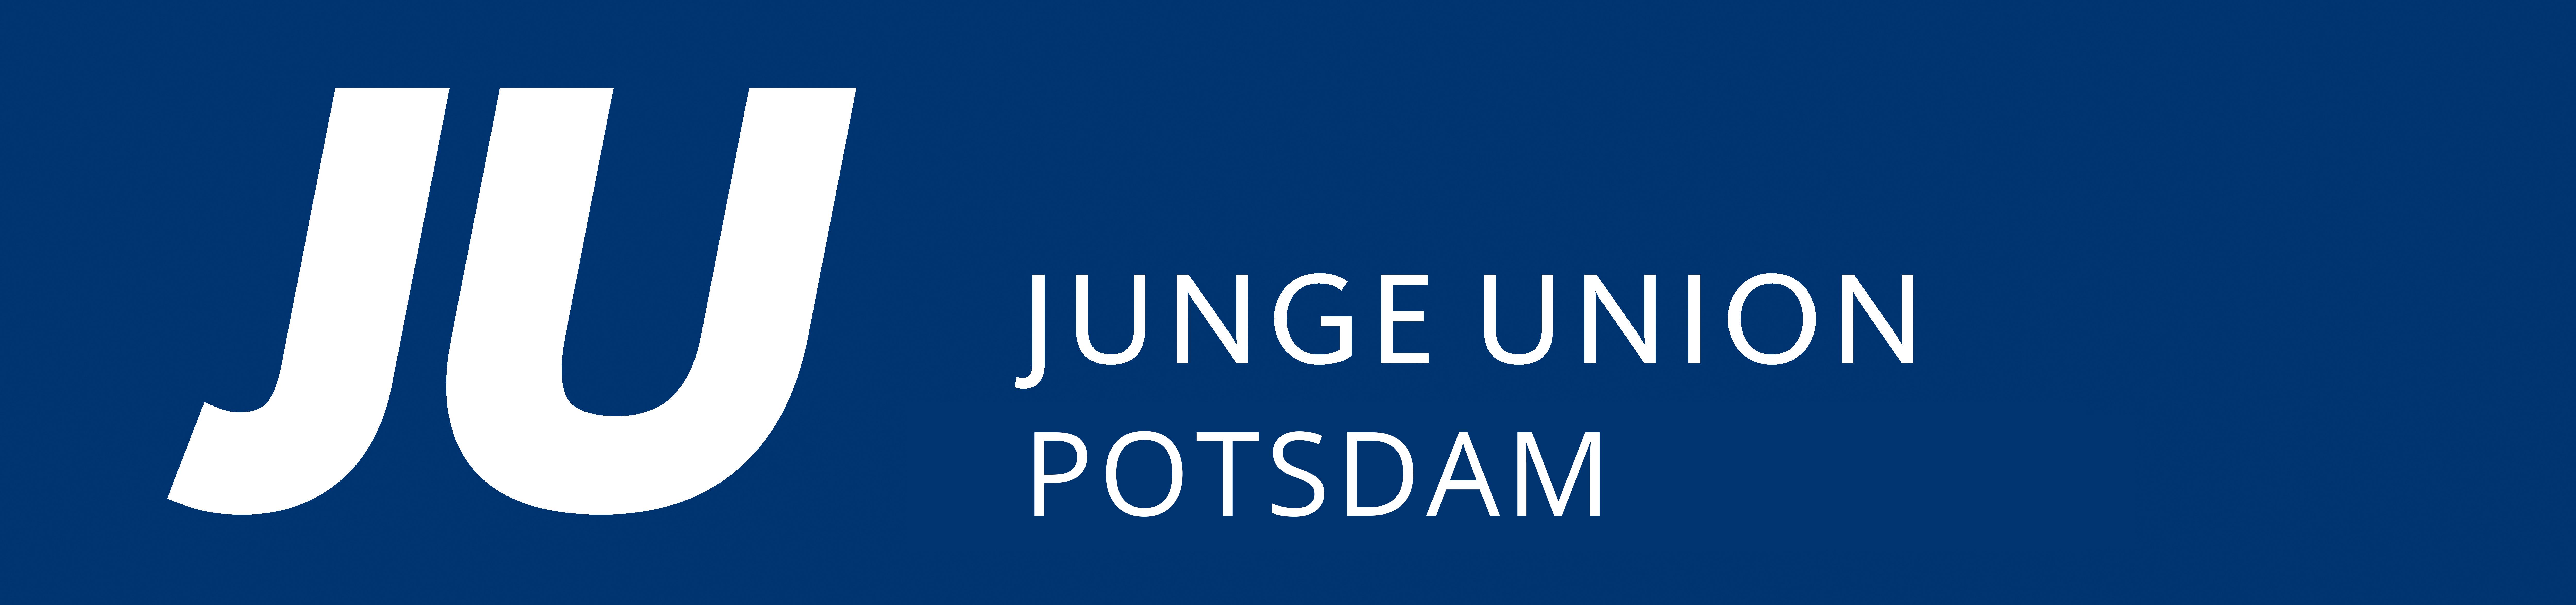 Logo von Junge Union Potsdam